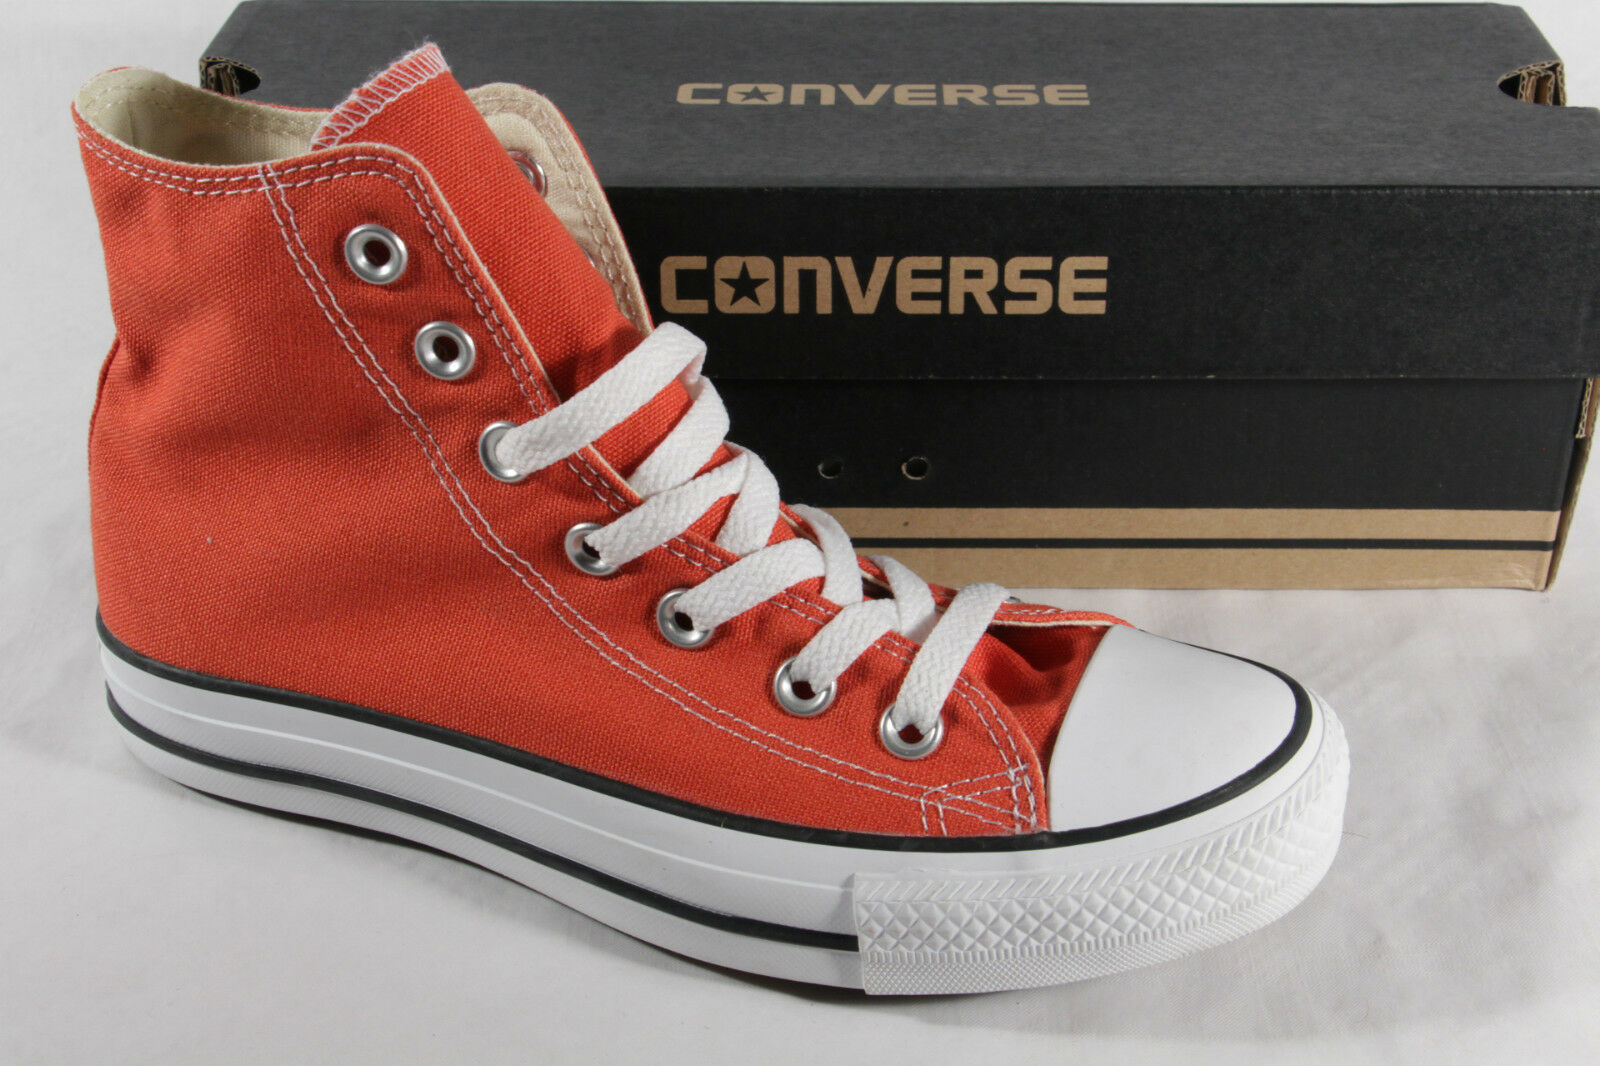 new arrivals c36f6 55453 Converse All Star Schnürstiefel Stiefel Sneakers orange, Textil/Leinen,  Neu!!!